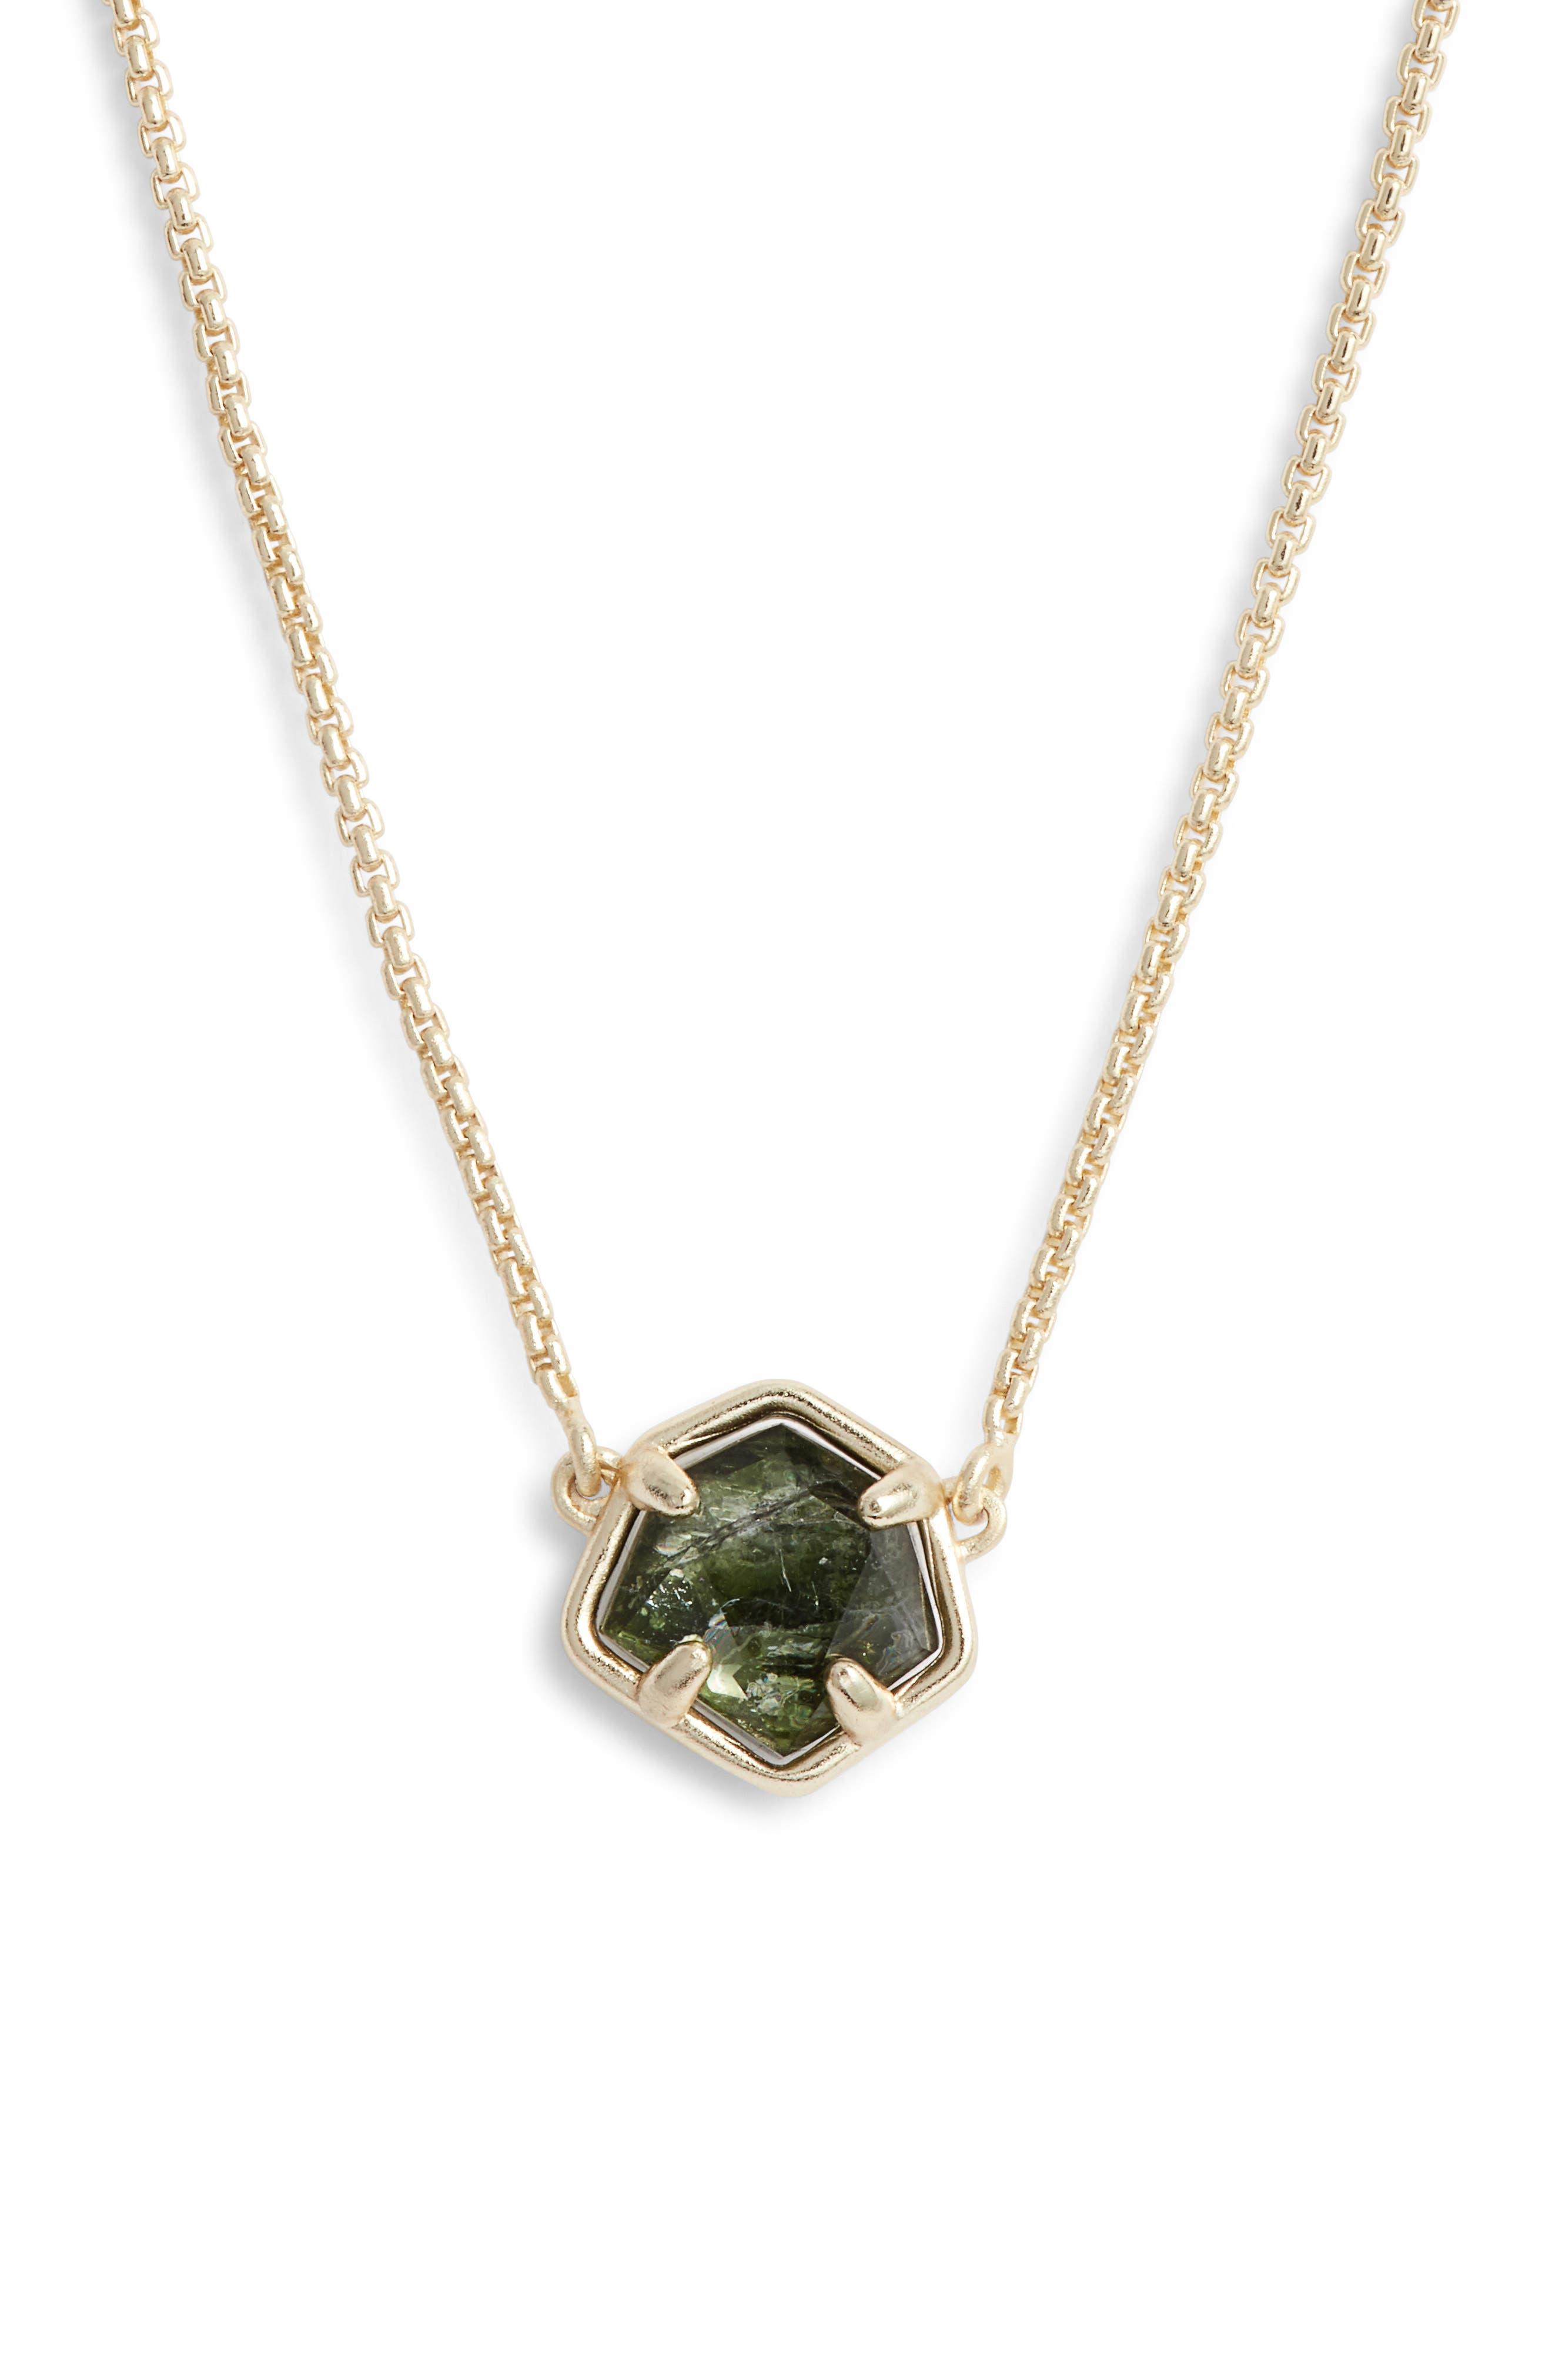 Jaxon Pendant Necklace,                             Main thumbnail 1, color,                             SAGE/ GOLD